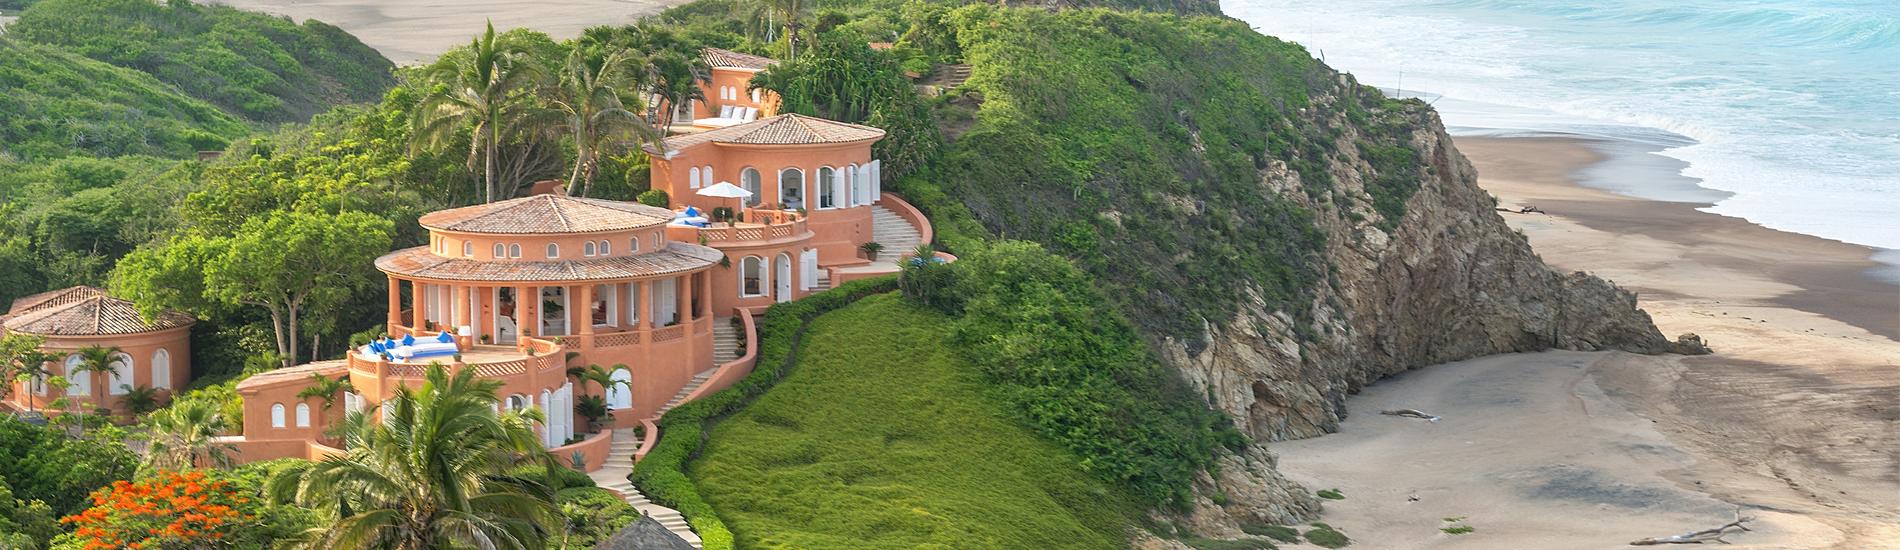 casa la playa cuixmala careyes journey mexico luxury villas. Black Bedroom Furniture Sets. Home Design Ideas